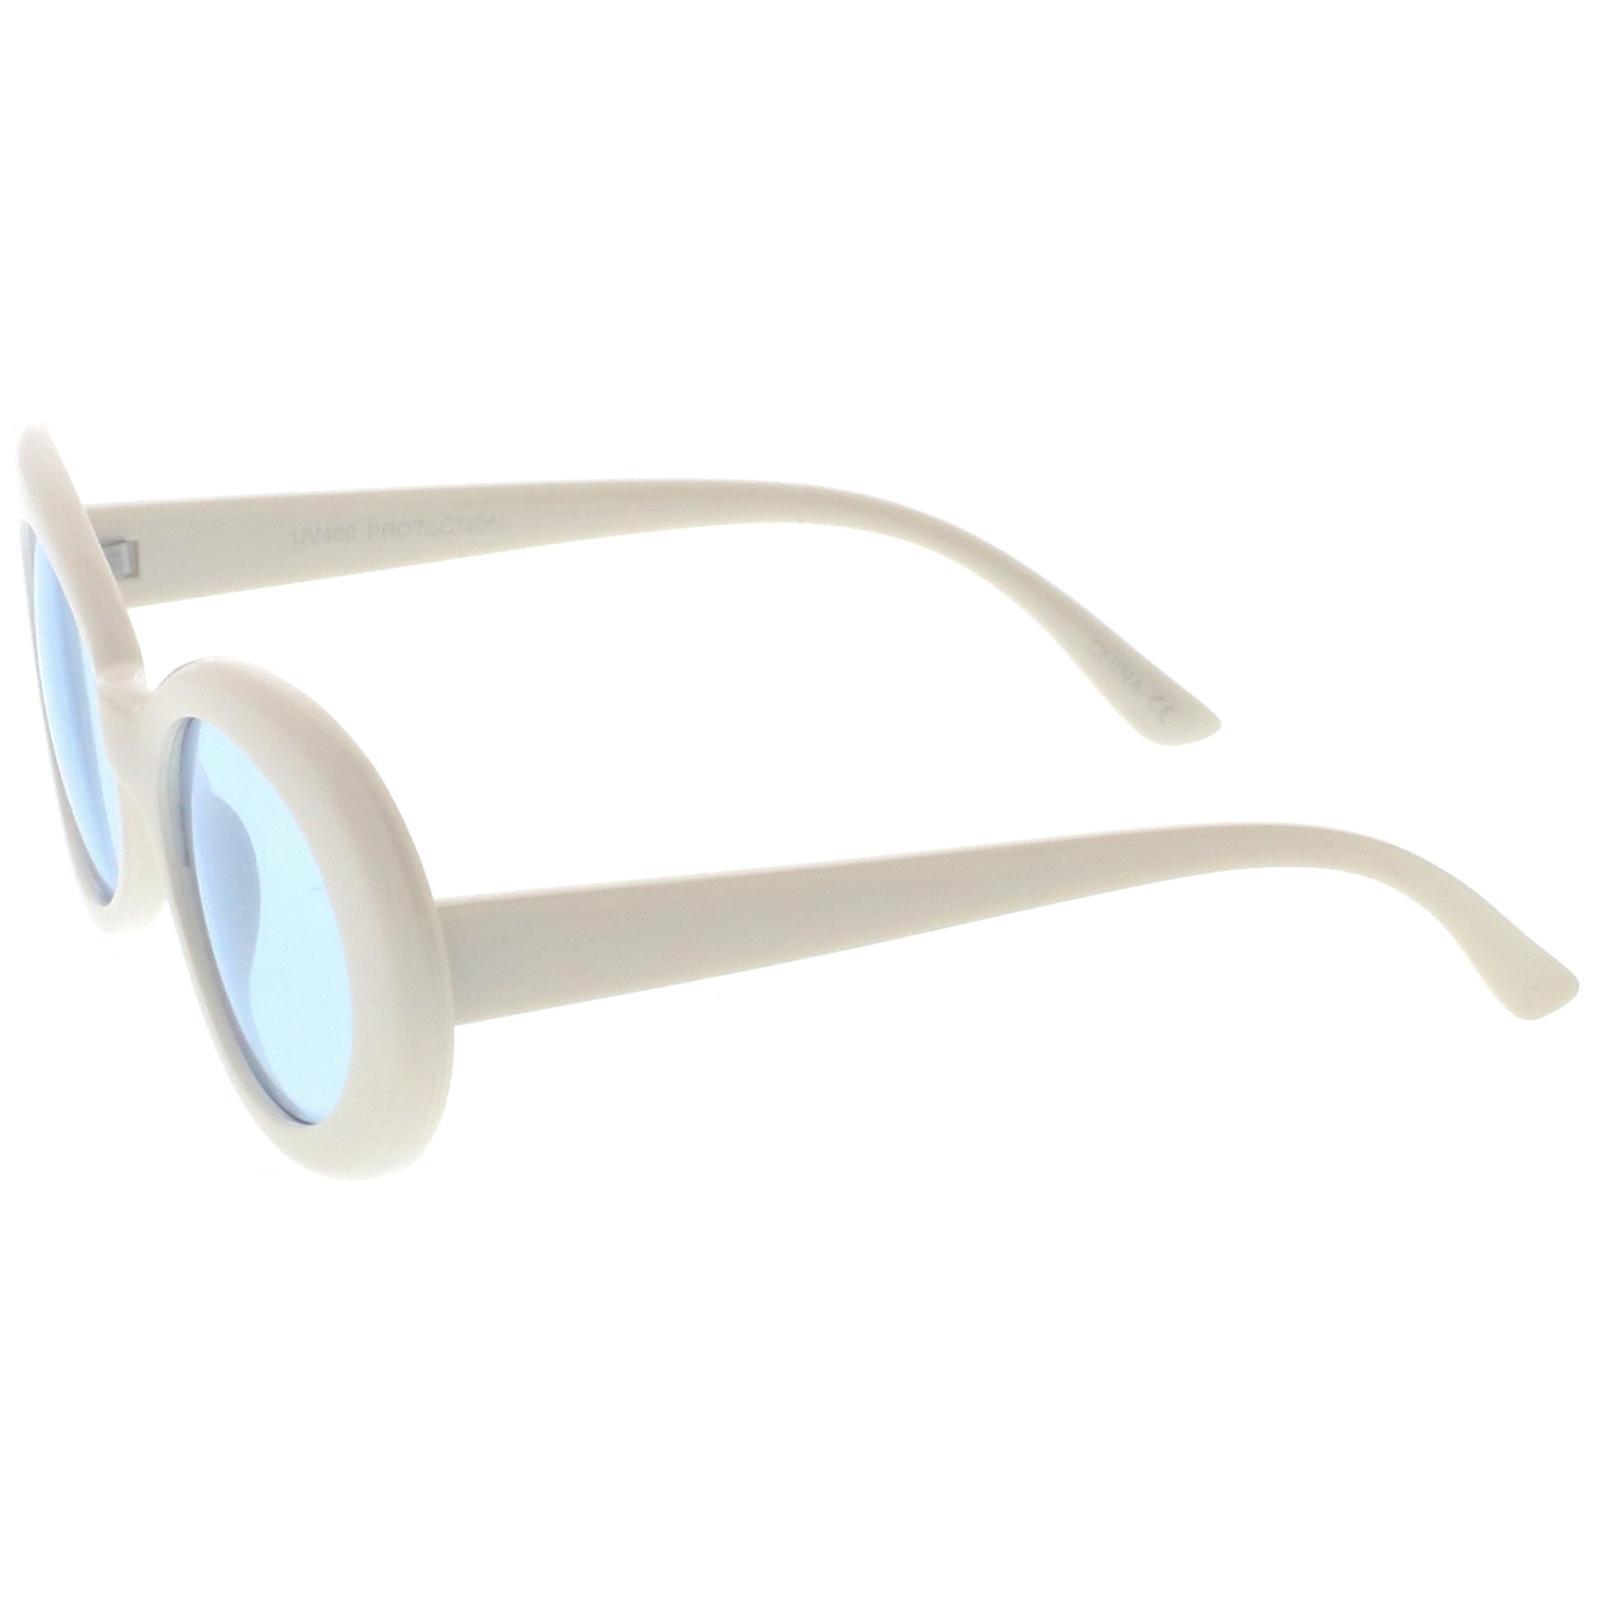 Retro Oval solglasögon med avsmalnande armar neutralt färgade runda linsen 51mm